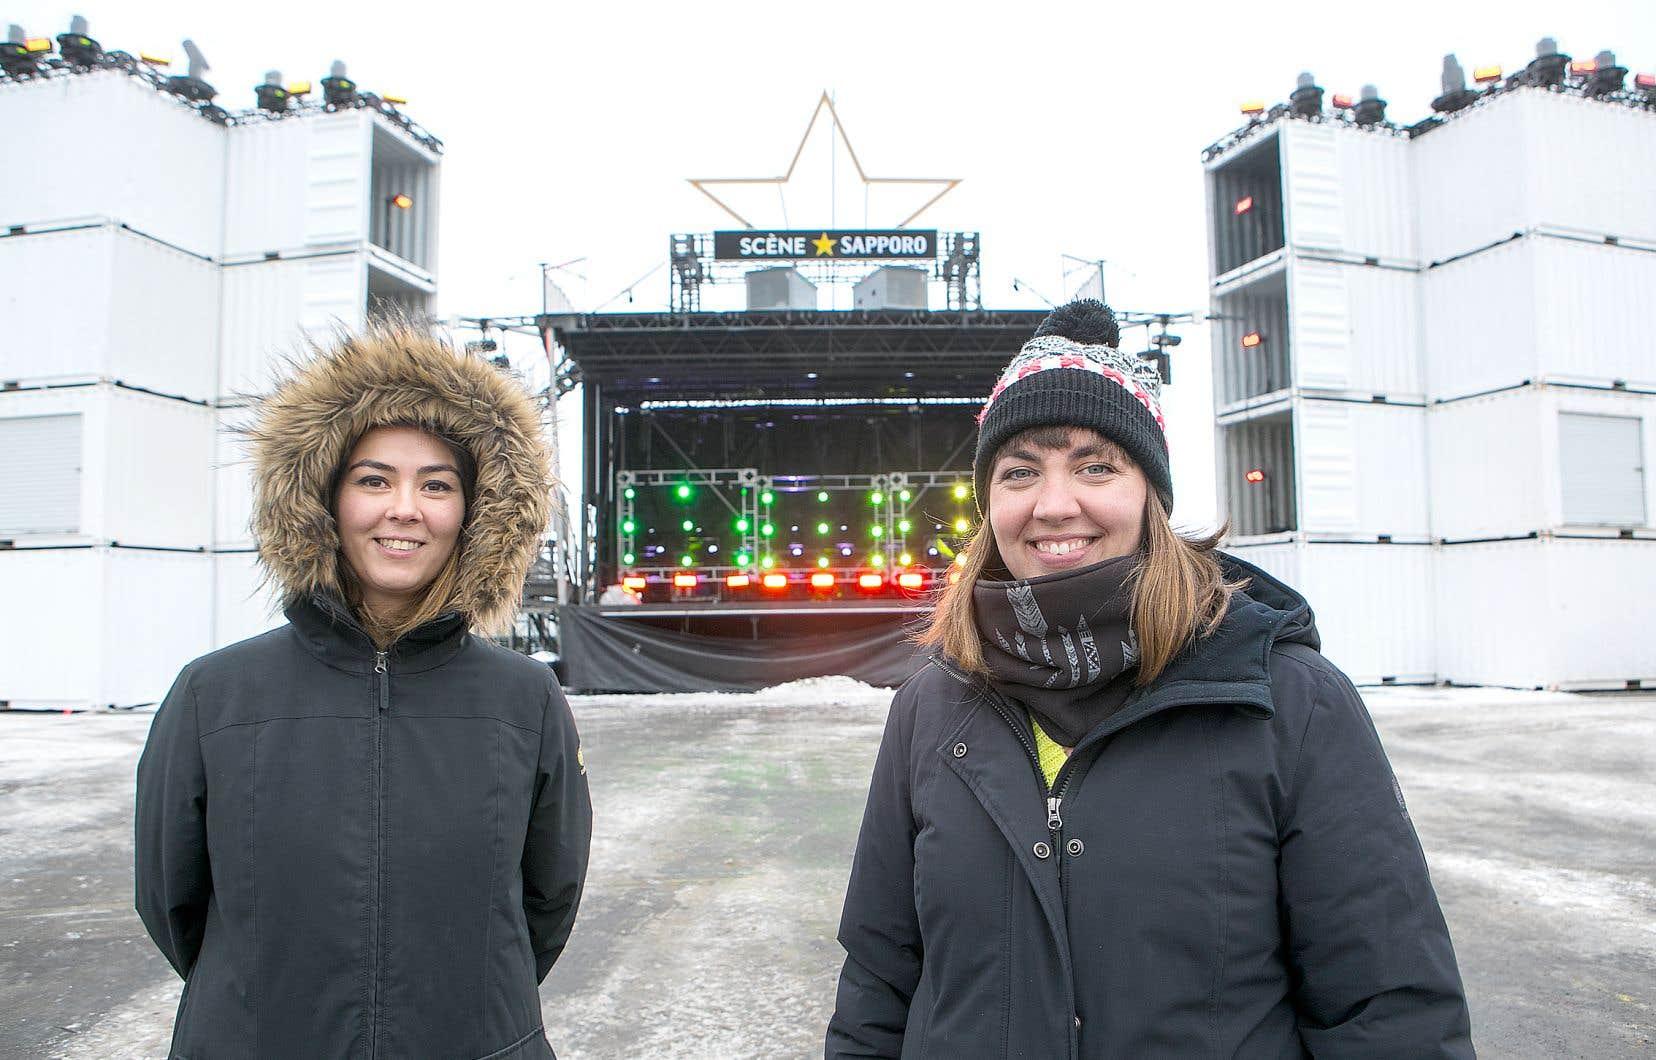 VJ Kitana (Charlotte Risch, à gauche) en sera à sa première expérience comme vidéo-jockey sur le site du Vieux-Port dans le cadre d'Igloofest. Catherine Turp, alias Cafrine, évolue pour sa part sur la scène VJ depuis déjà vingt ans.